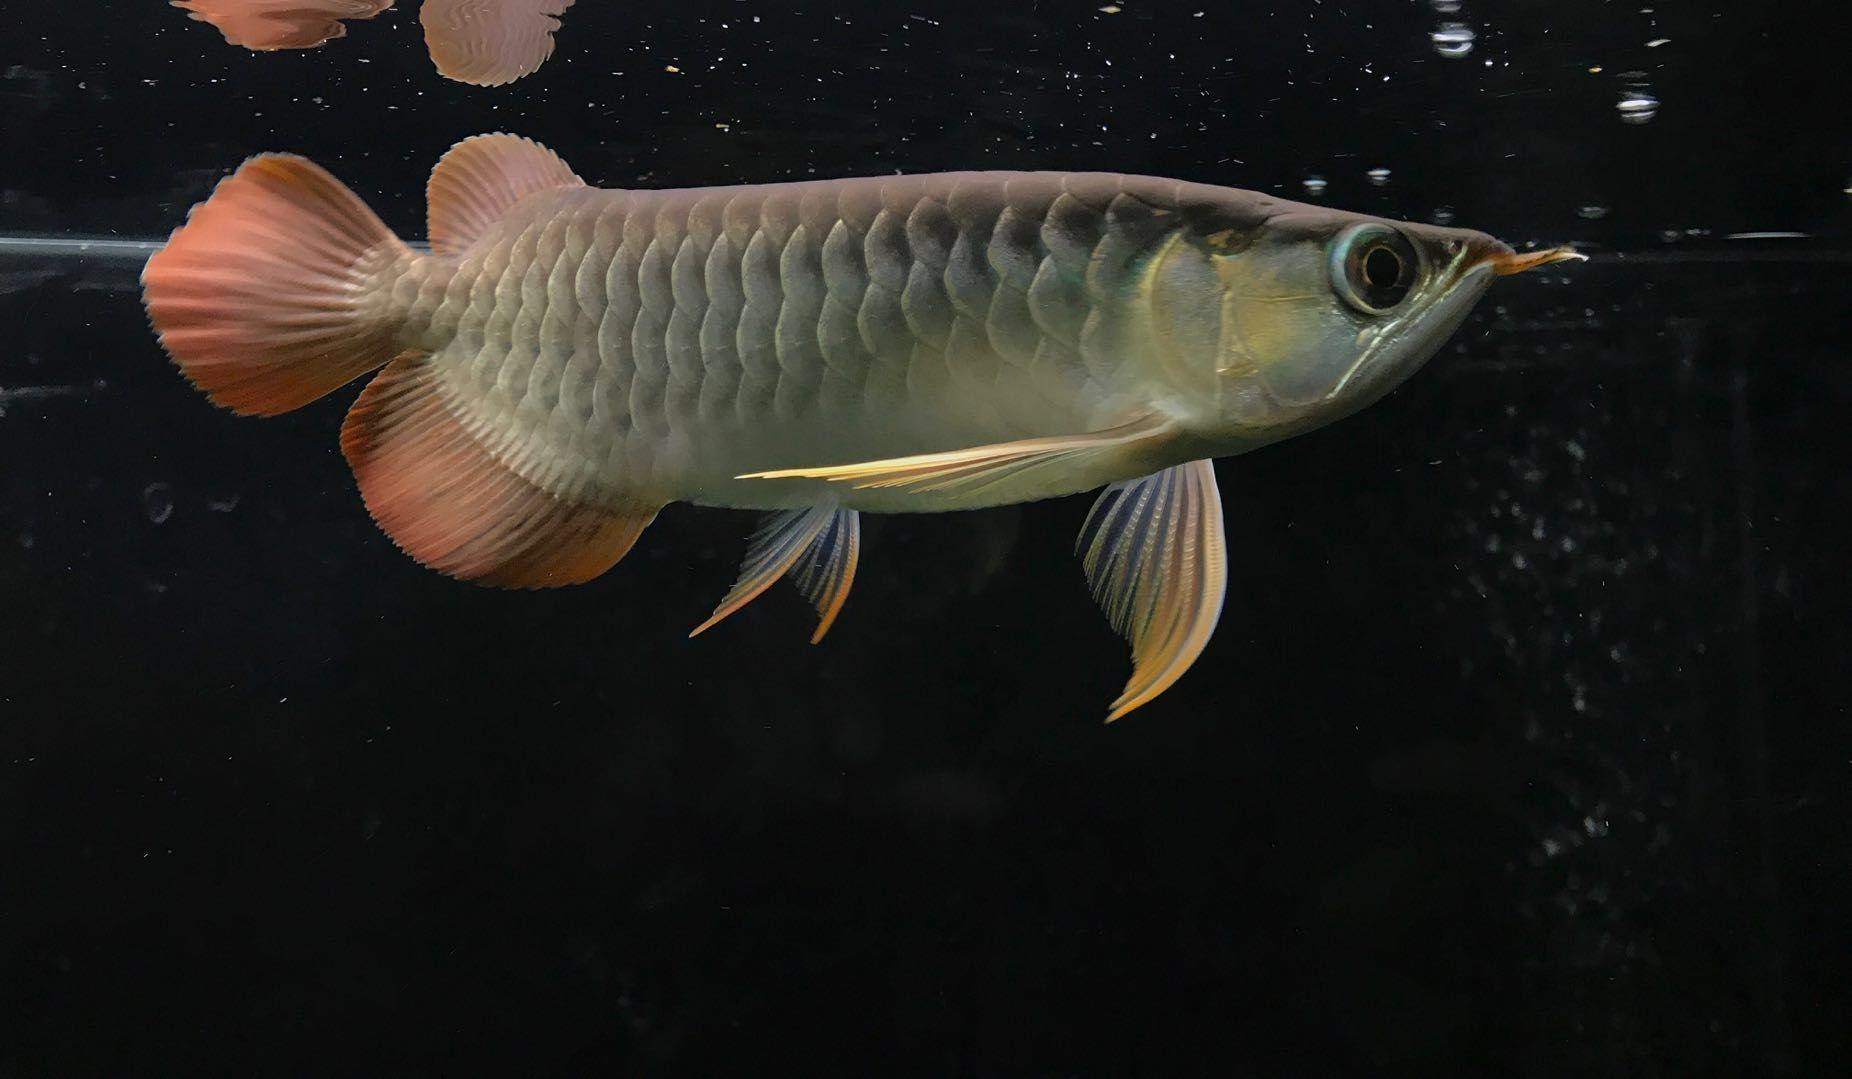 【西安三纹印尼虎苗】小鱼状态不错 西安龙鱼论坛 西安博特第5张